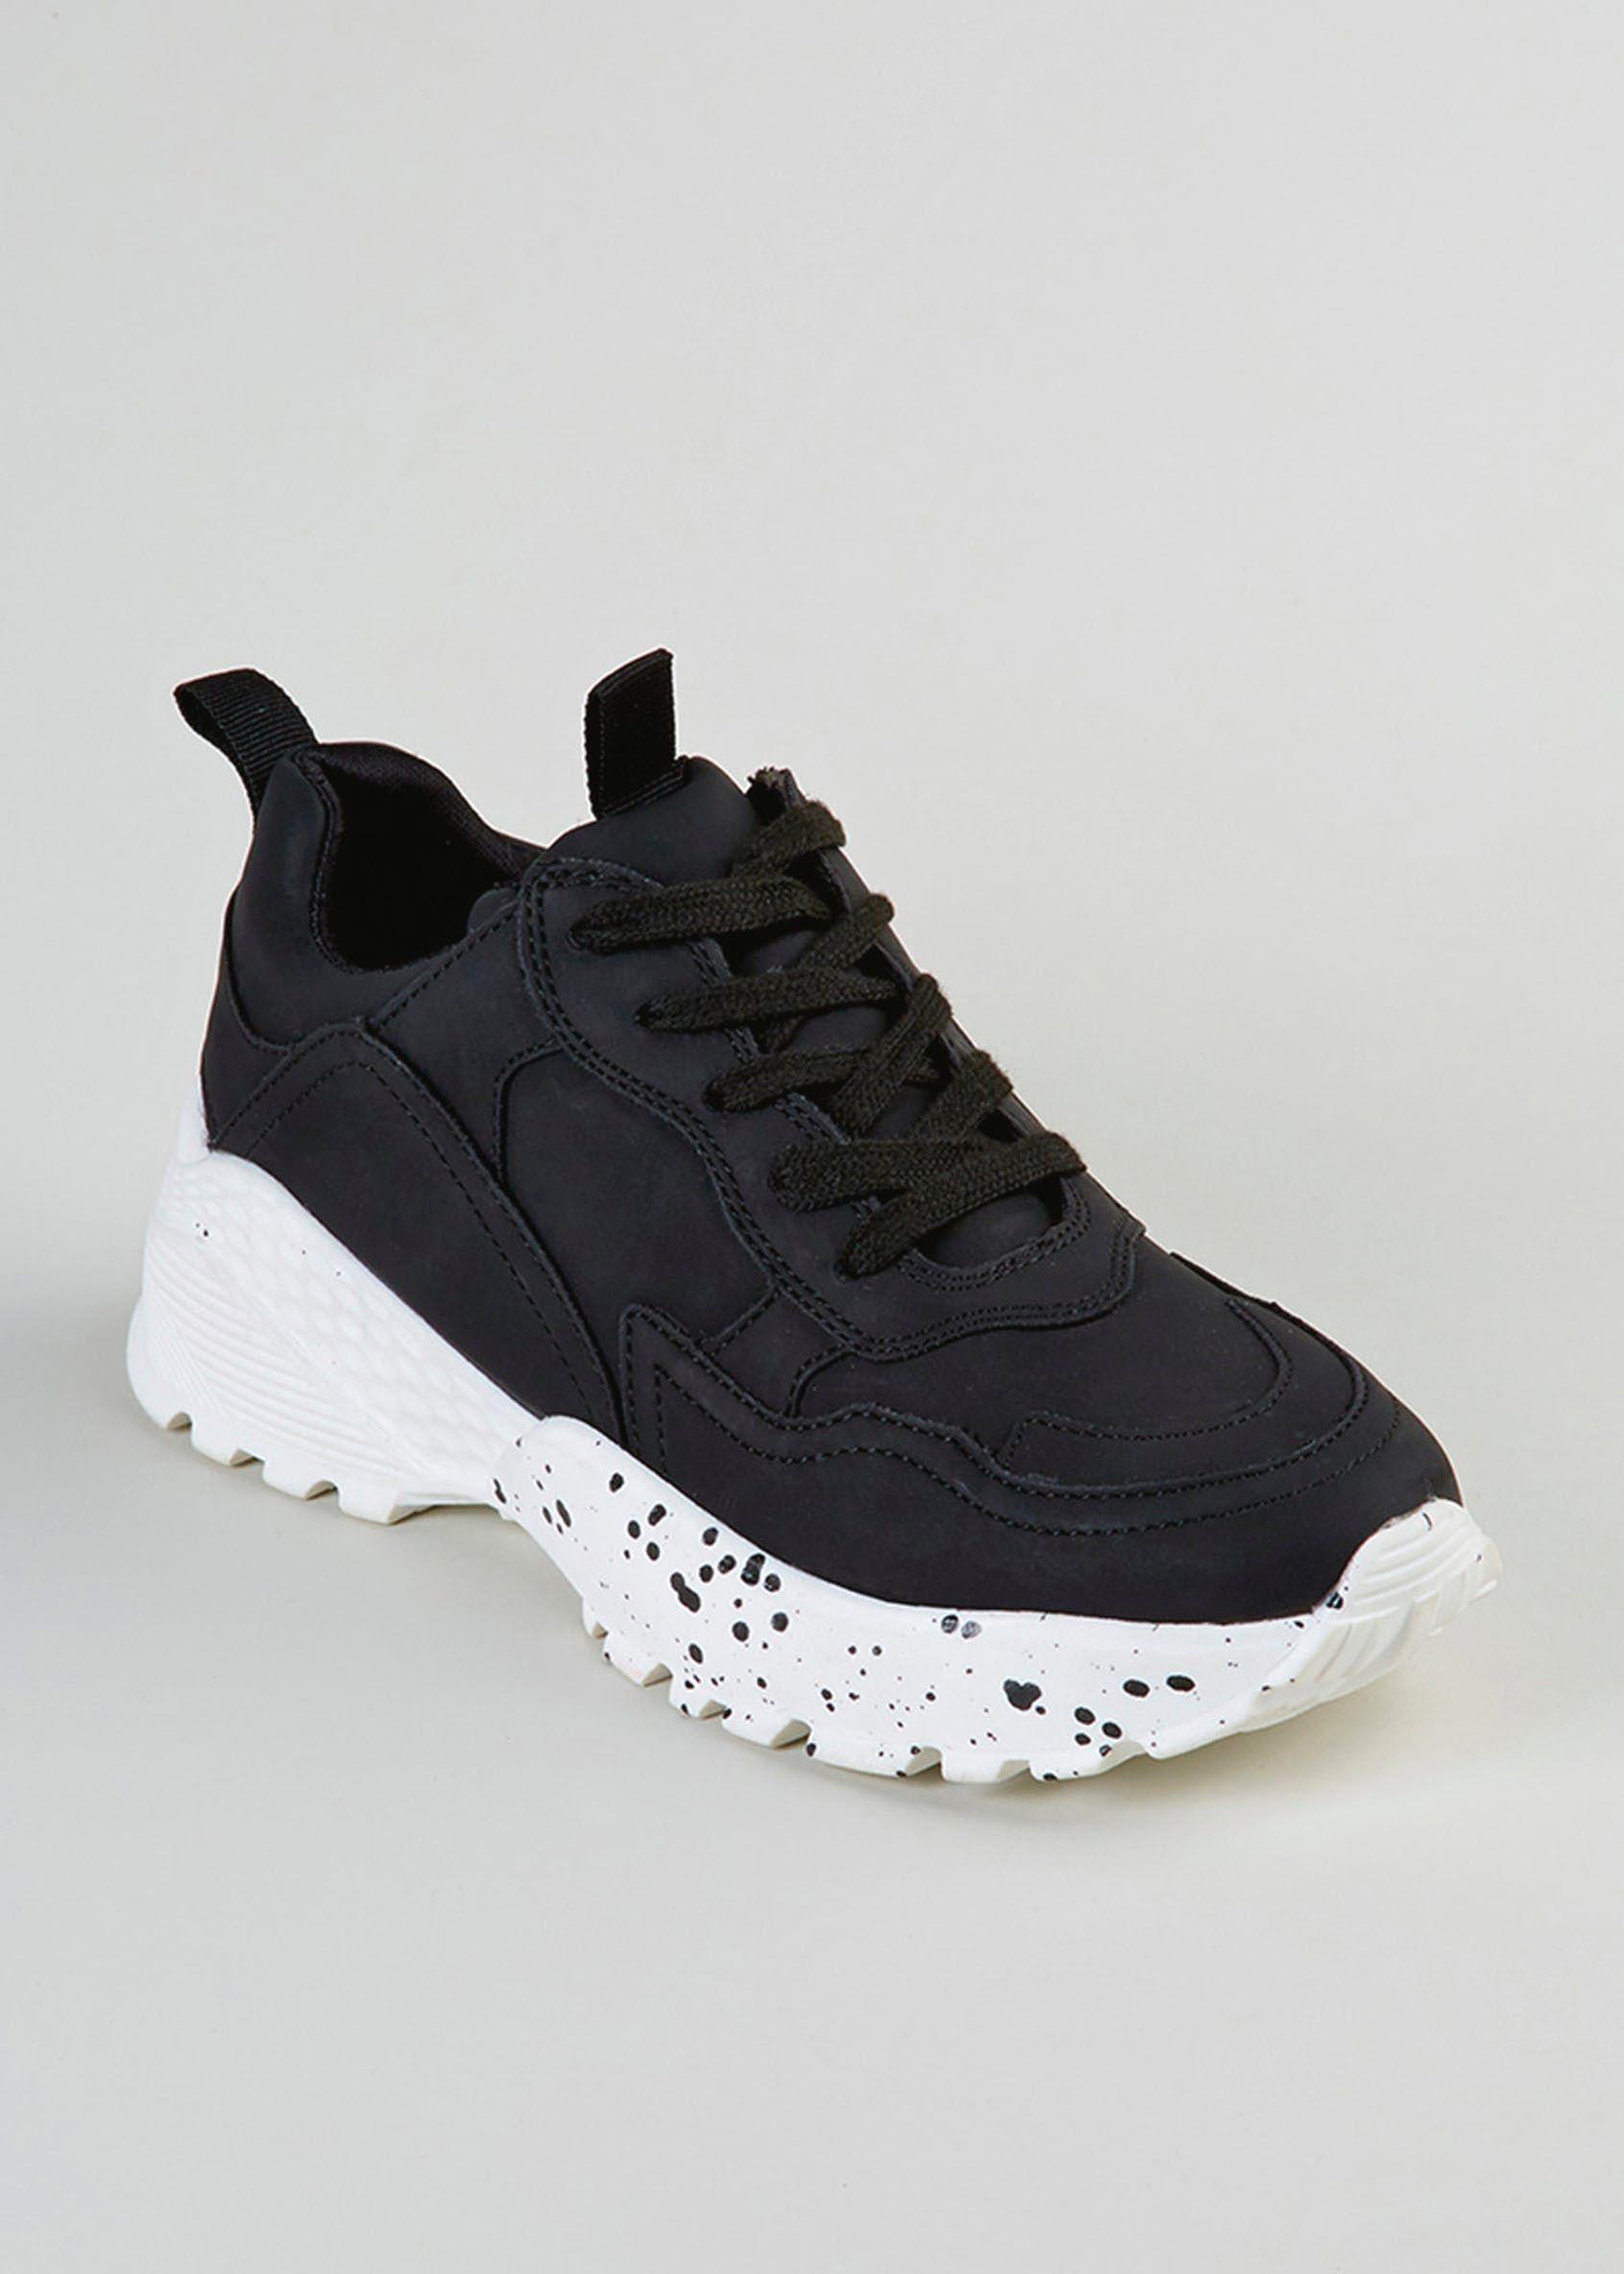 Flip flop shoes, Trainers